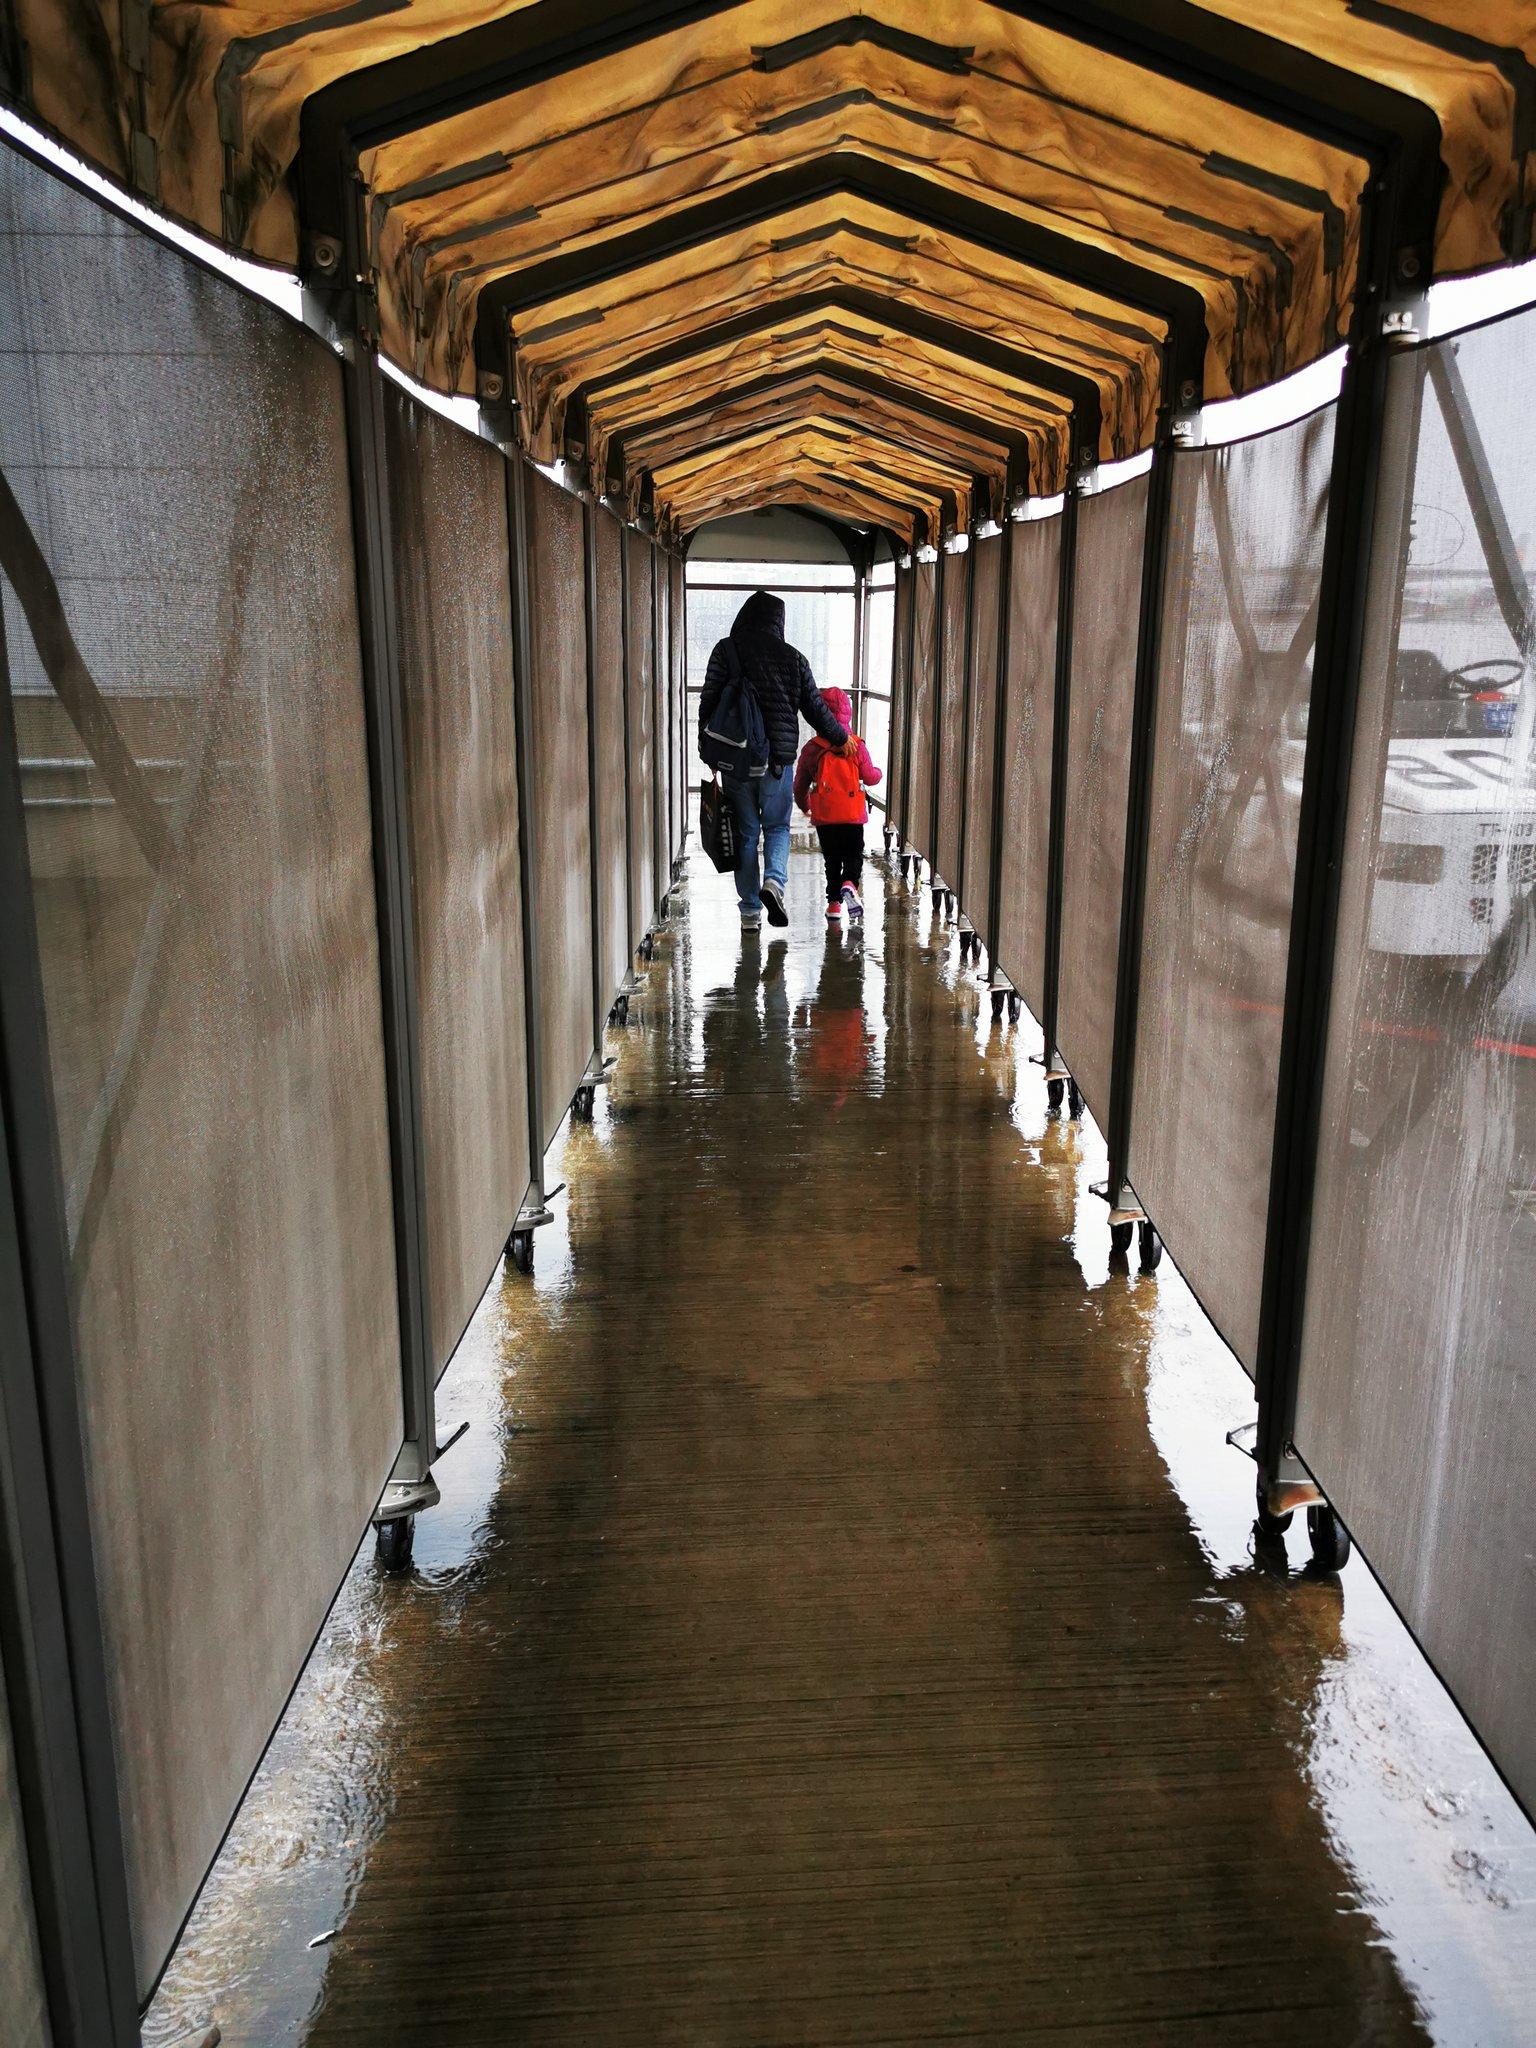 今回初めて成田空港第三ターミナル使ったんだけど、第二ターミナルから600m外を歩かせてプレハブターミナルに行かせるという「貧民!お前らは貧民!」と徹底的に叩き込ませる造りに感動したのだが、帰りも雨がダダ漏れの水たまりを飛行機から歩かせるというおもてなしにしびれている